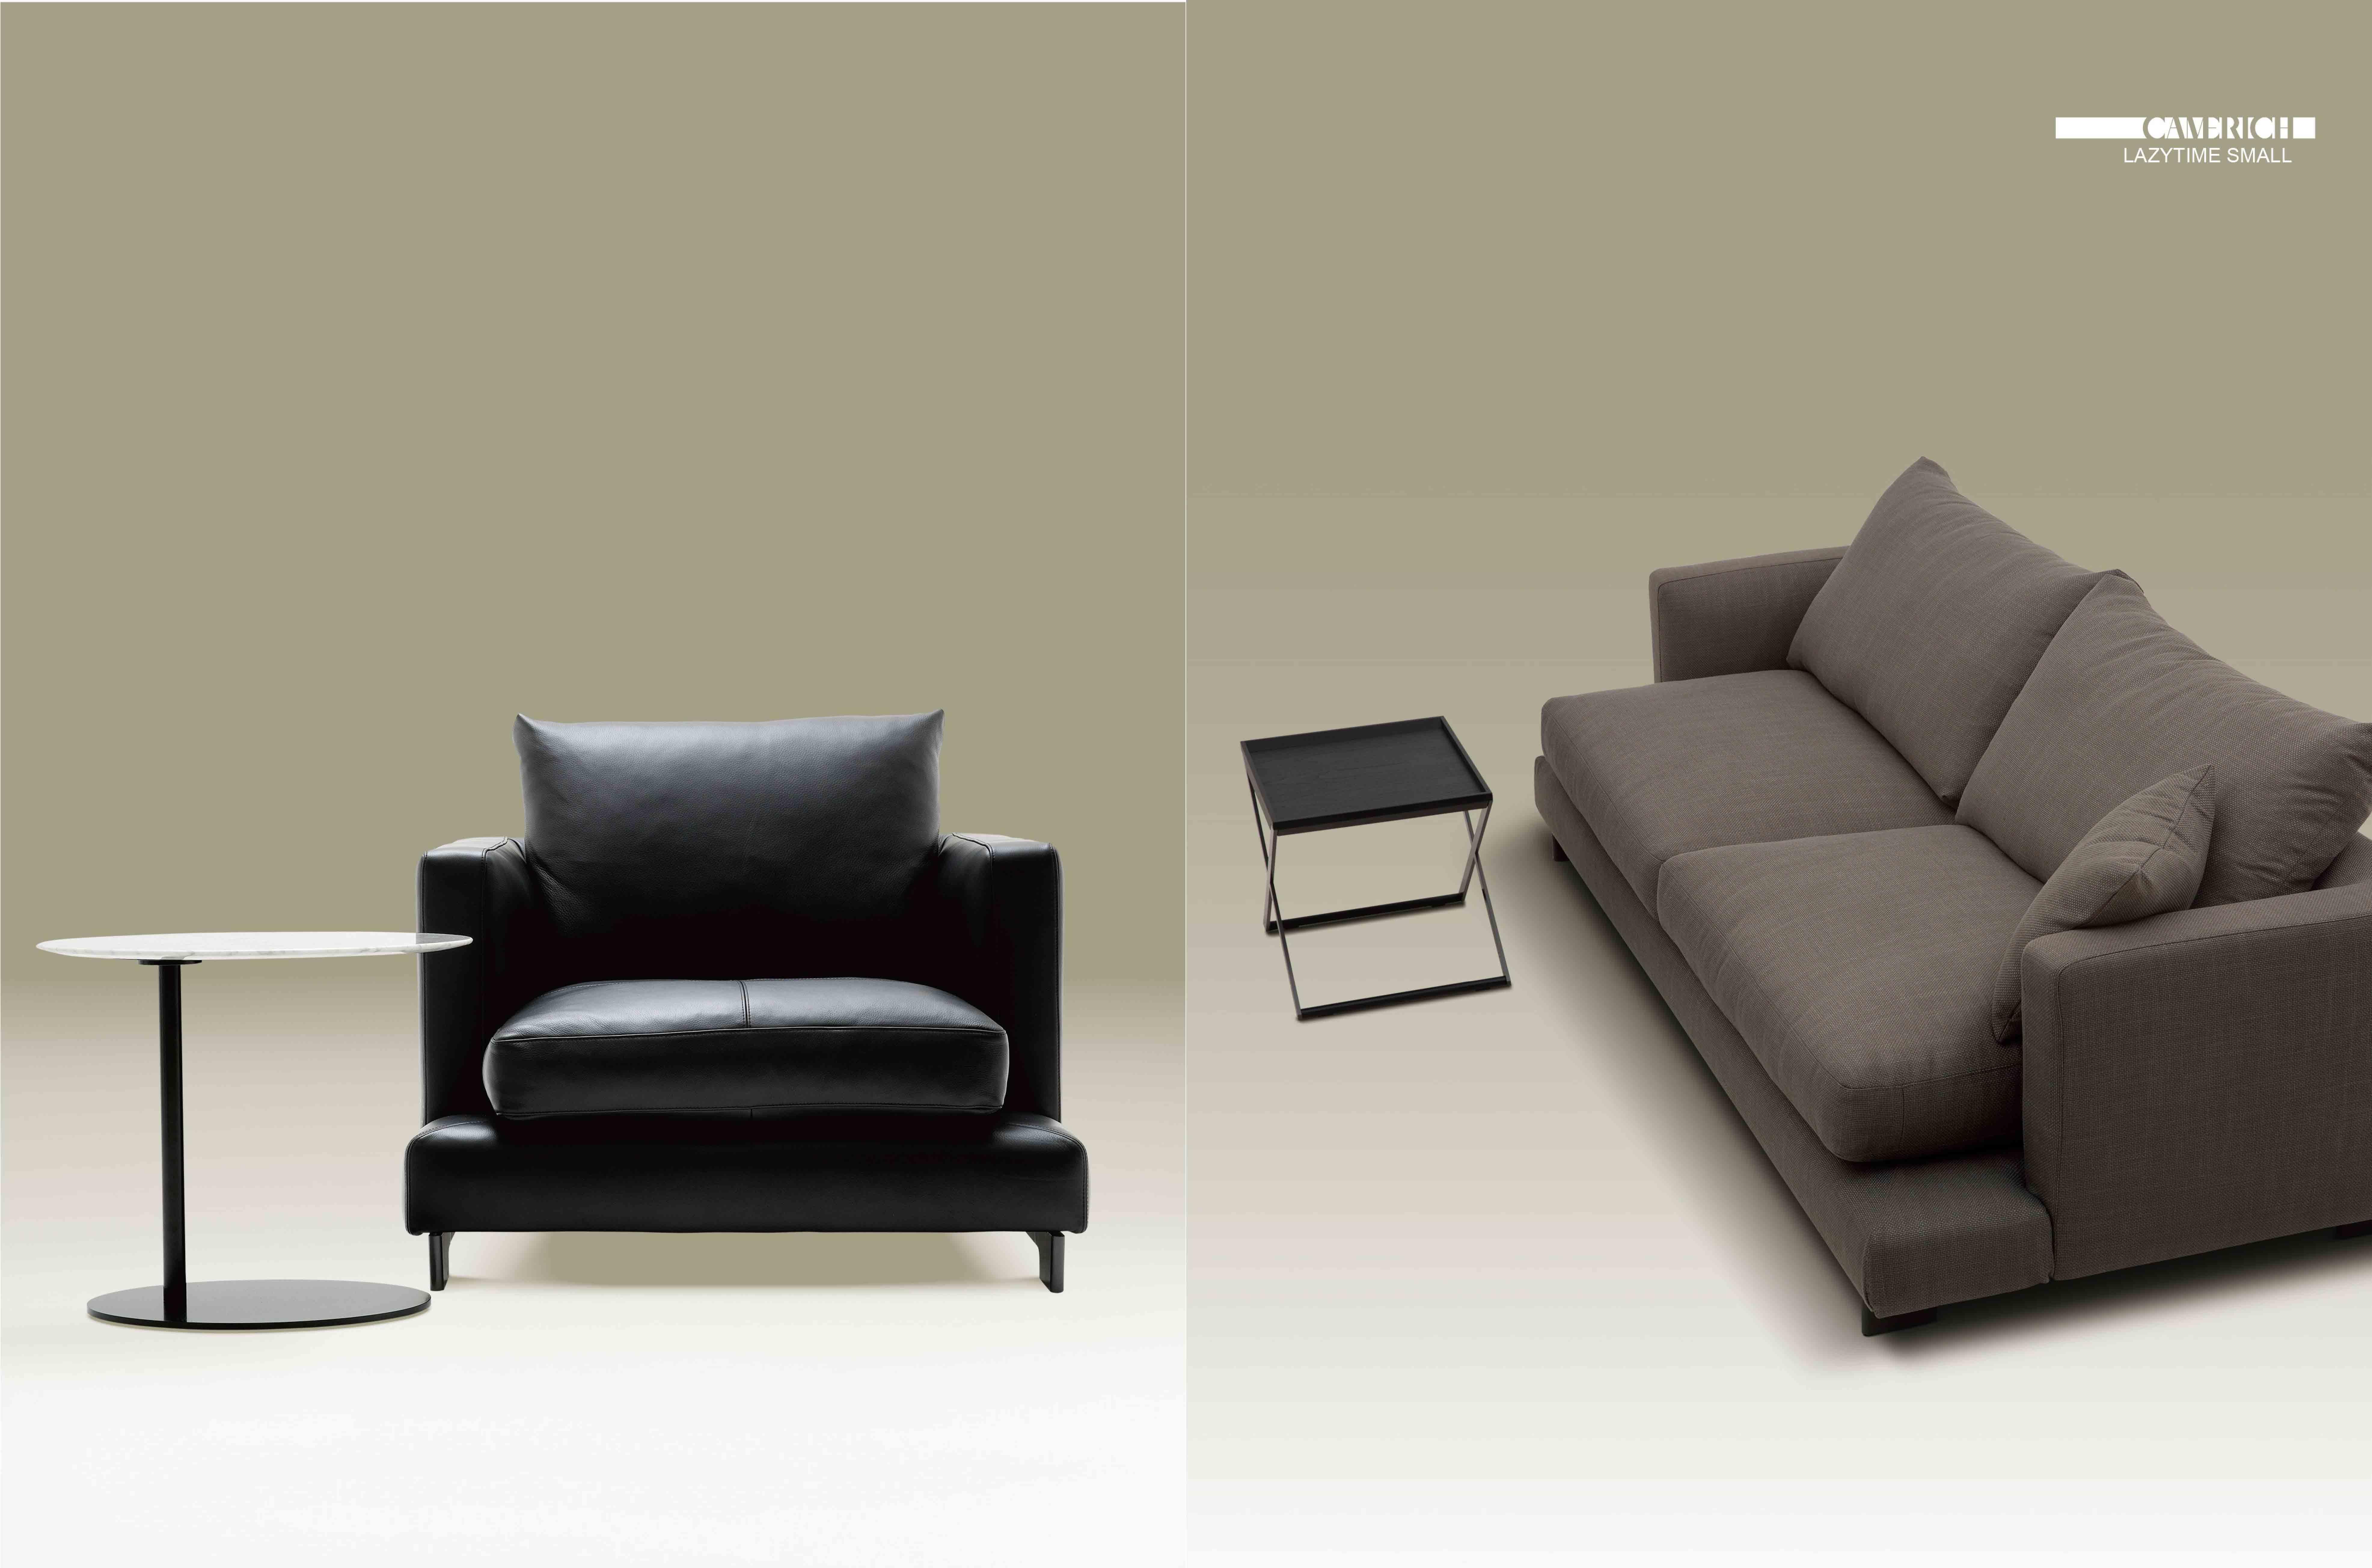 Lazytime plus sofa camerich - 2015catalog_048 2015catalog_048 2015catalog_048